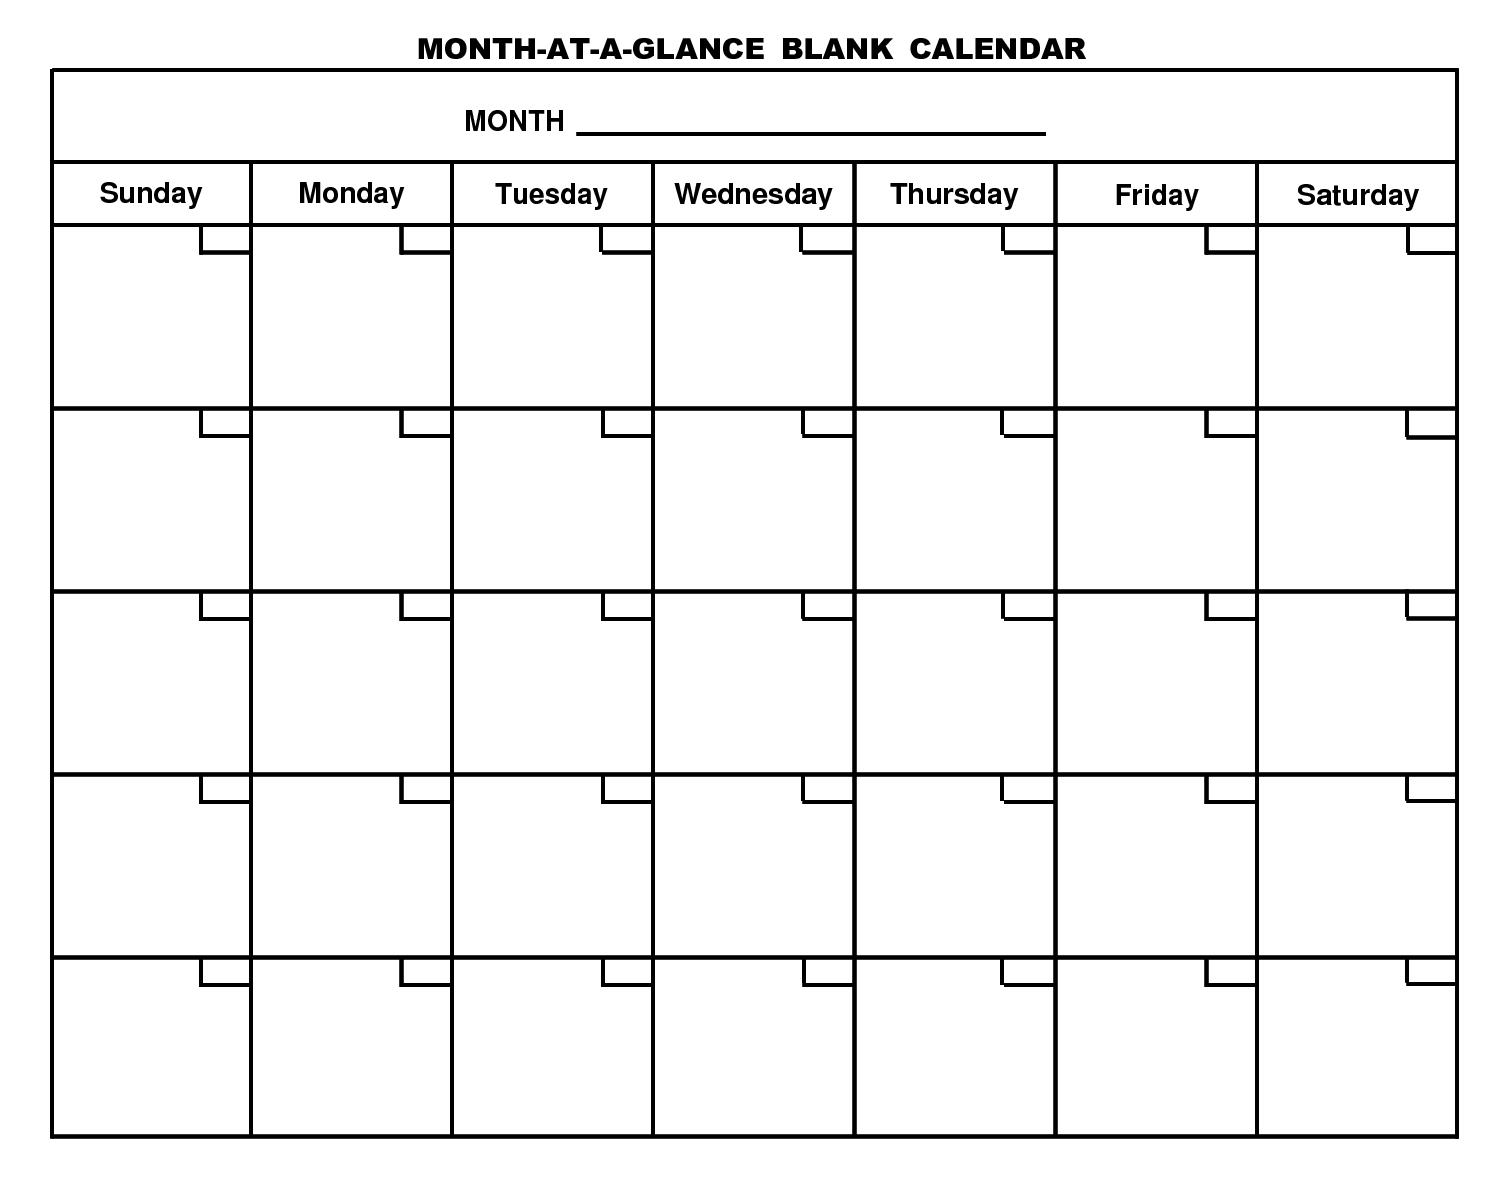 Calendar Blank Image